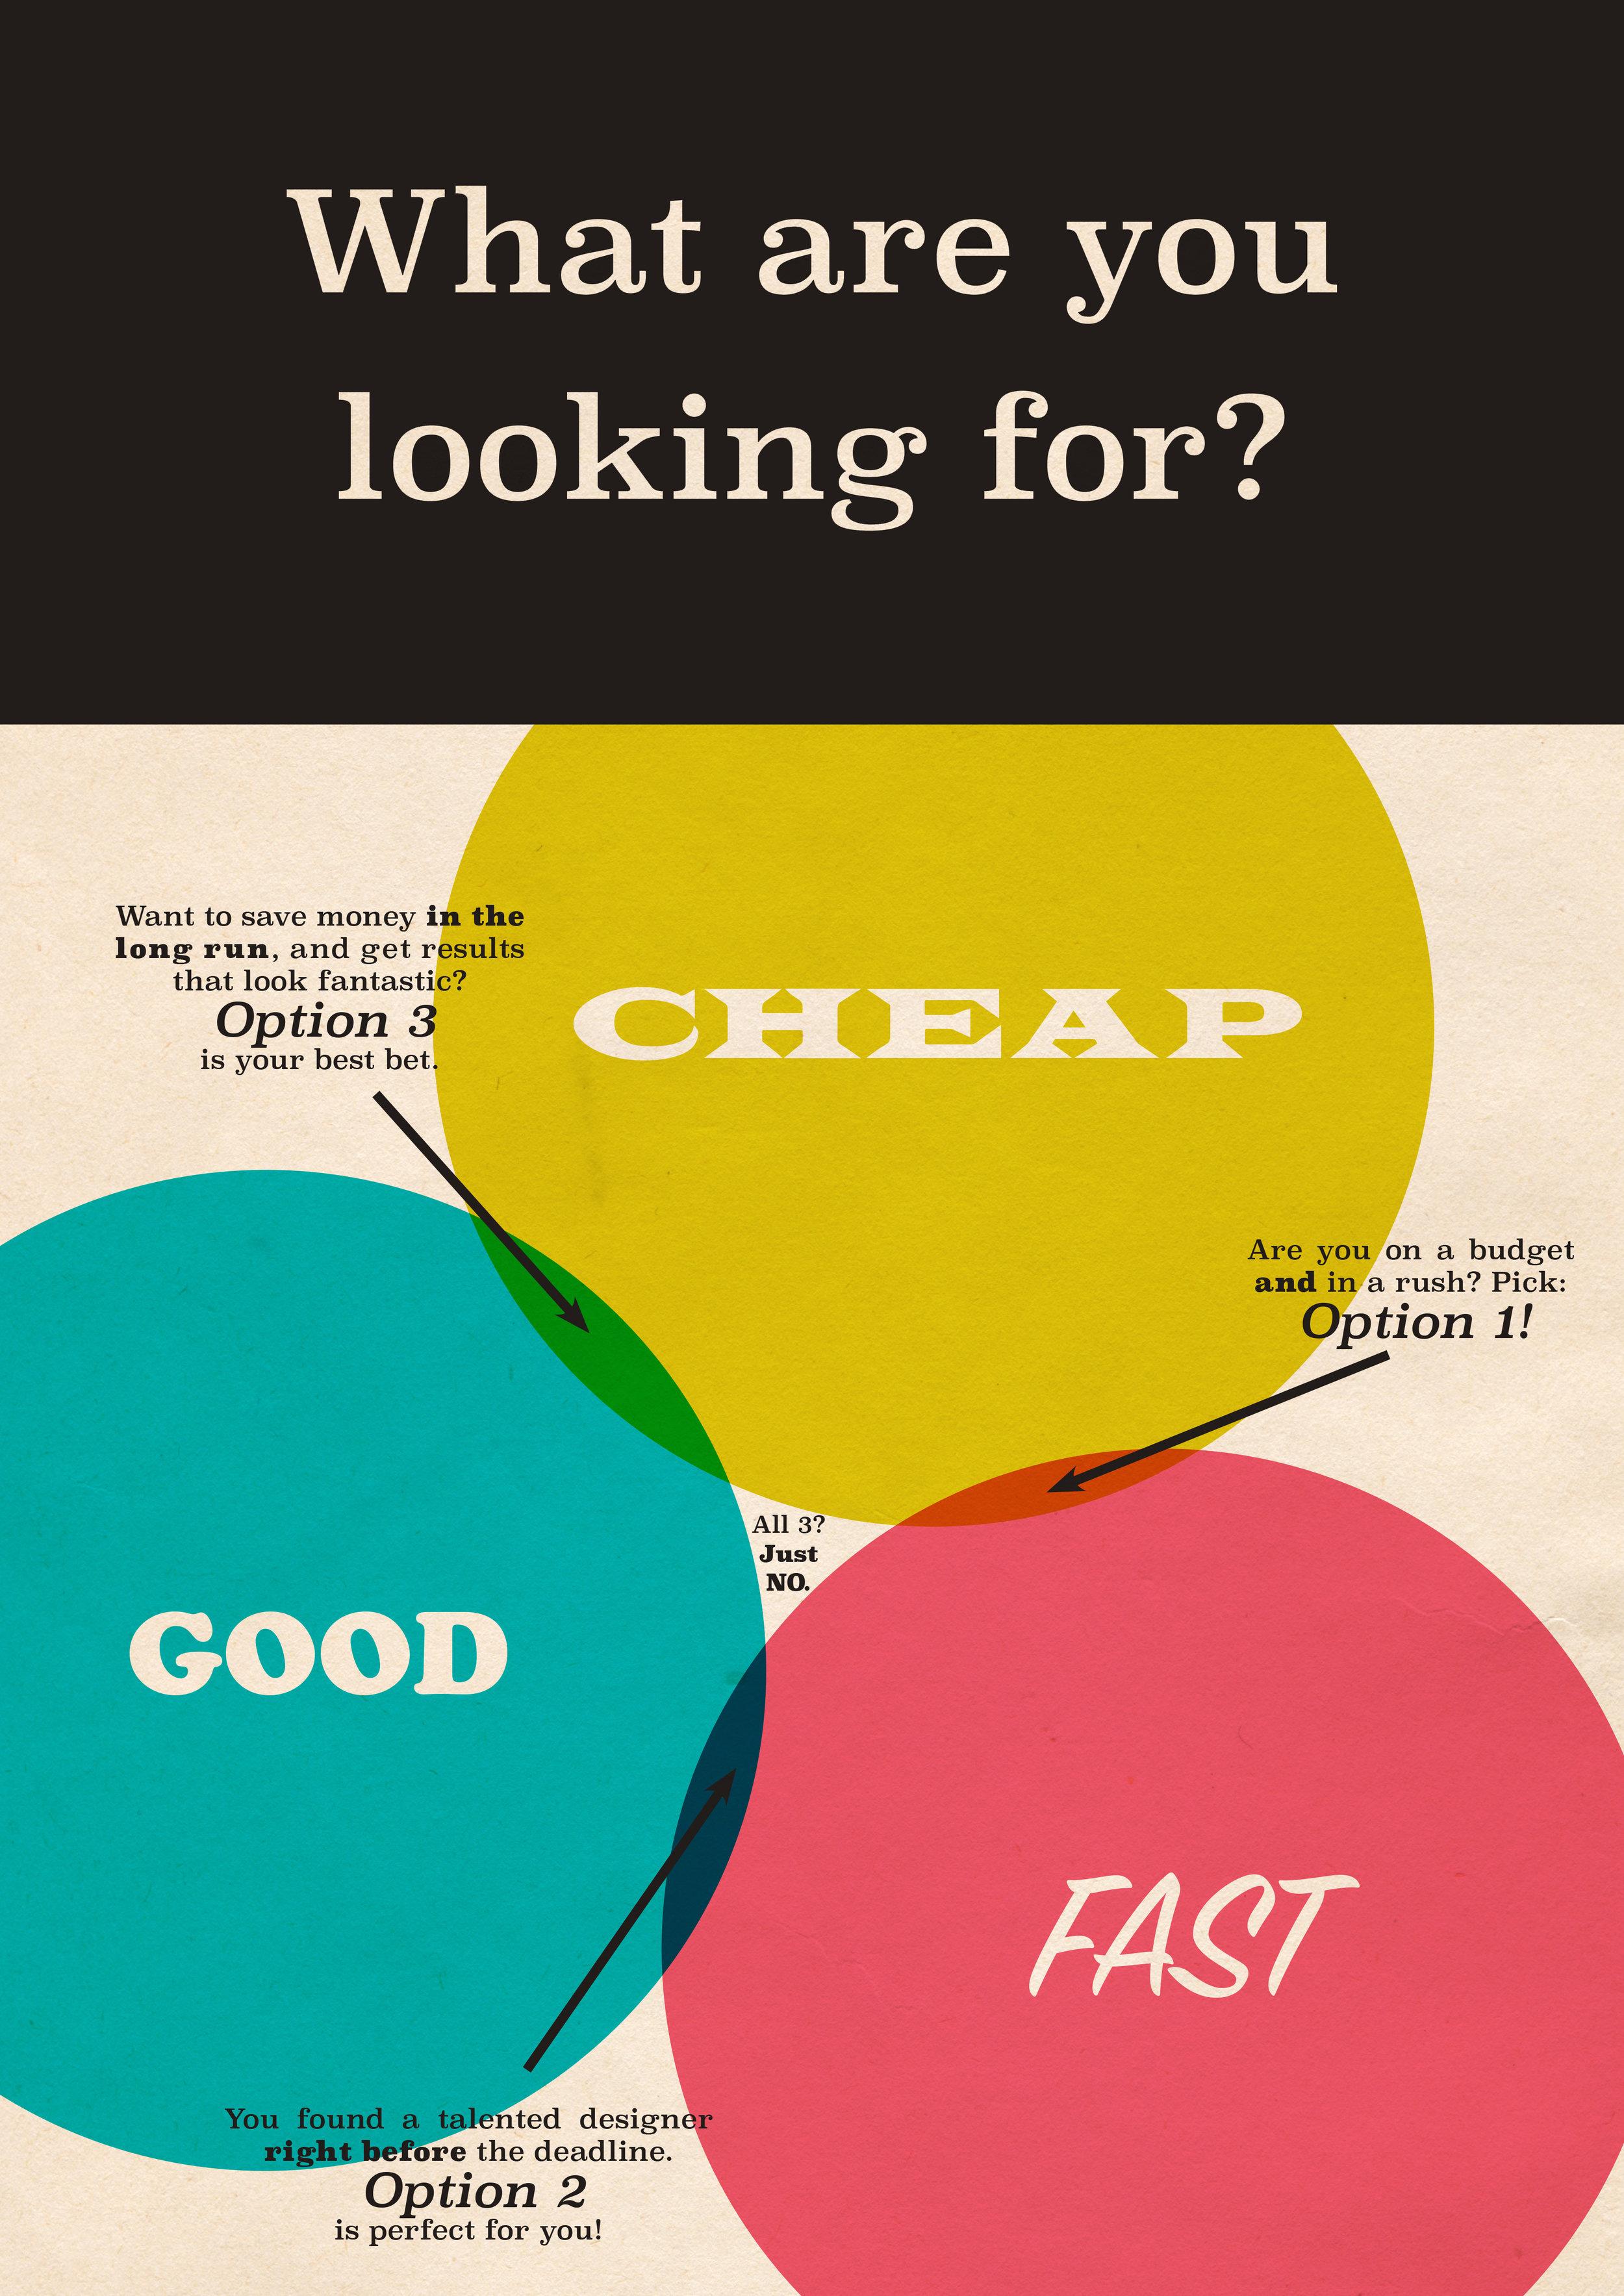 cheap fast good.jpg